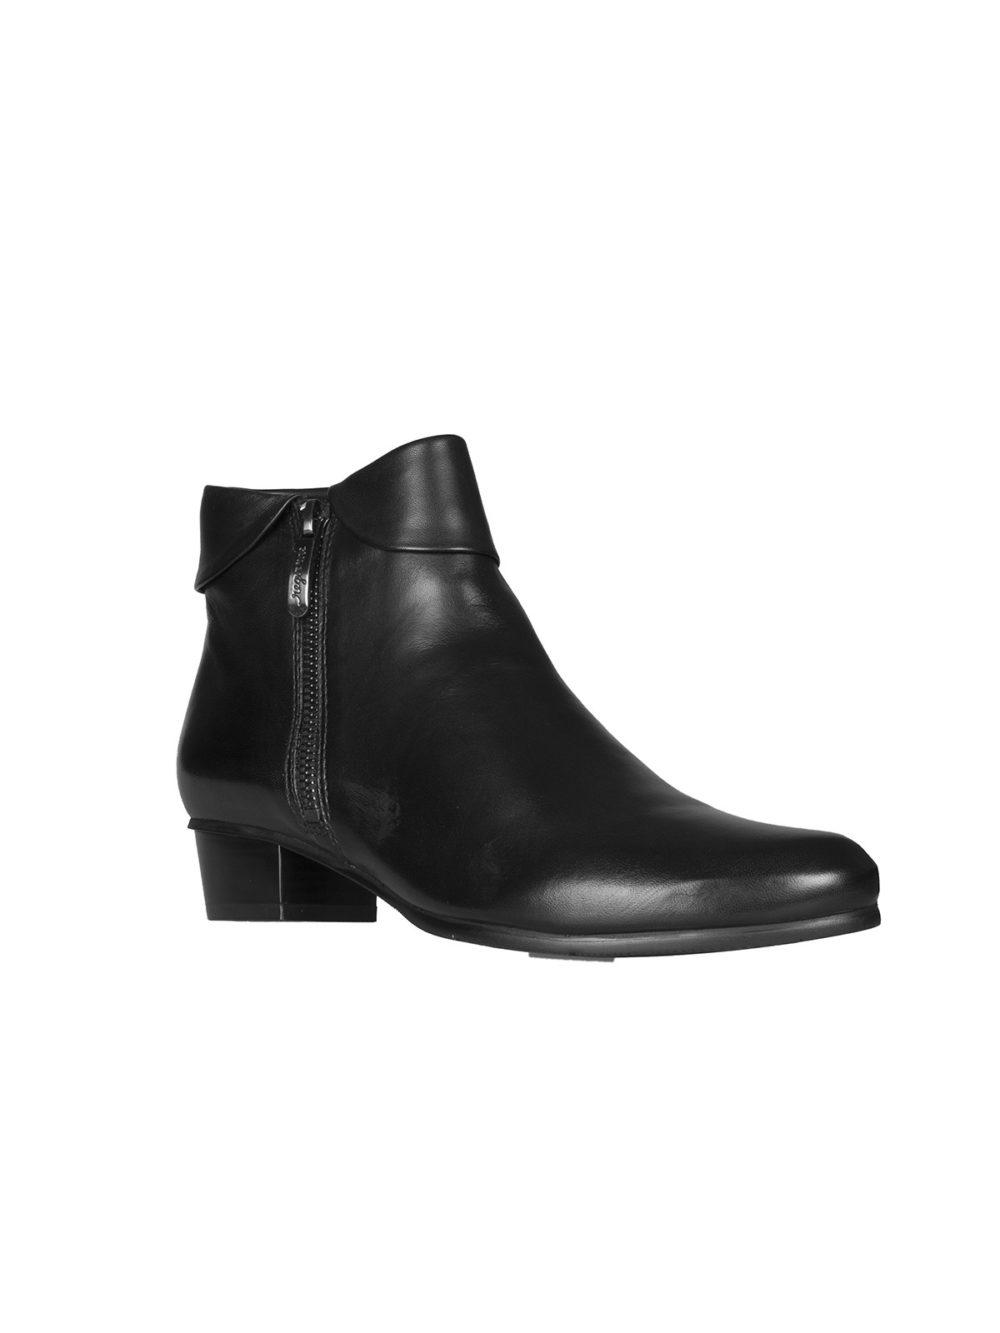 Stefany Boot 03 Regarde Le Ciel Women's clothing Women's boot